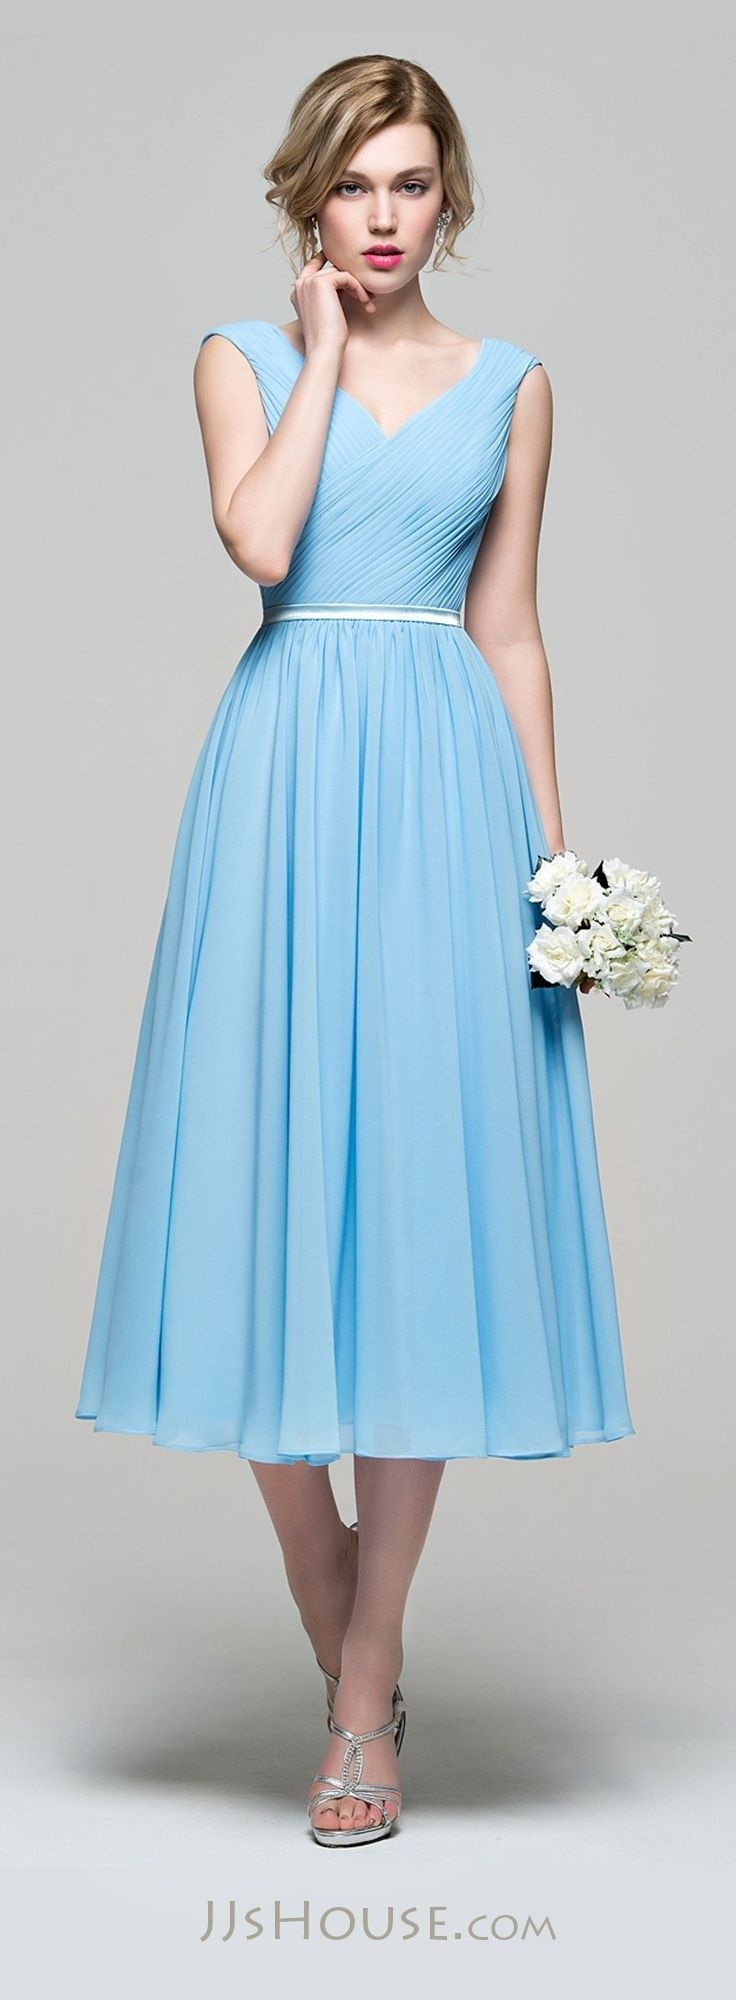 13 besten bridesmaids dresses Bilder auf Pinterest | Brautjungfern ...